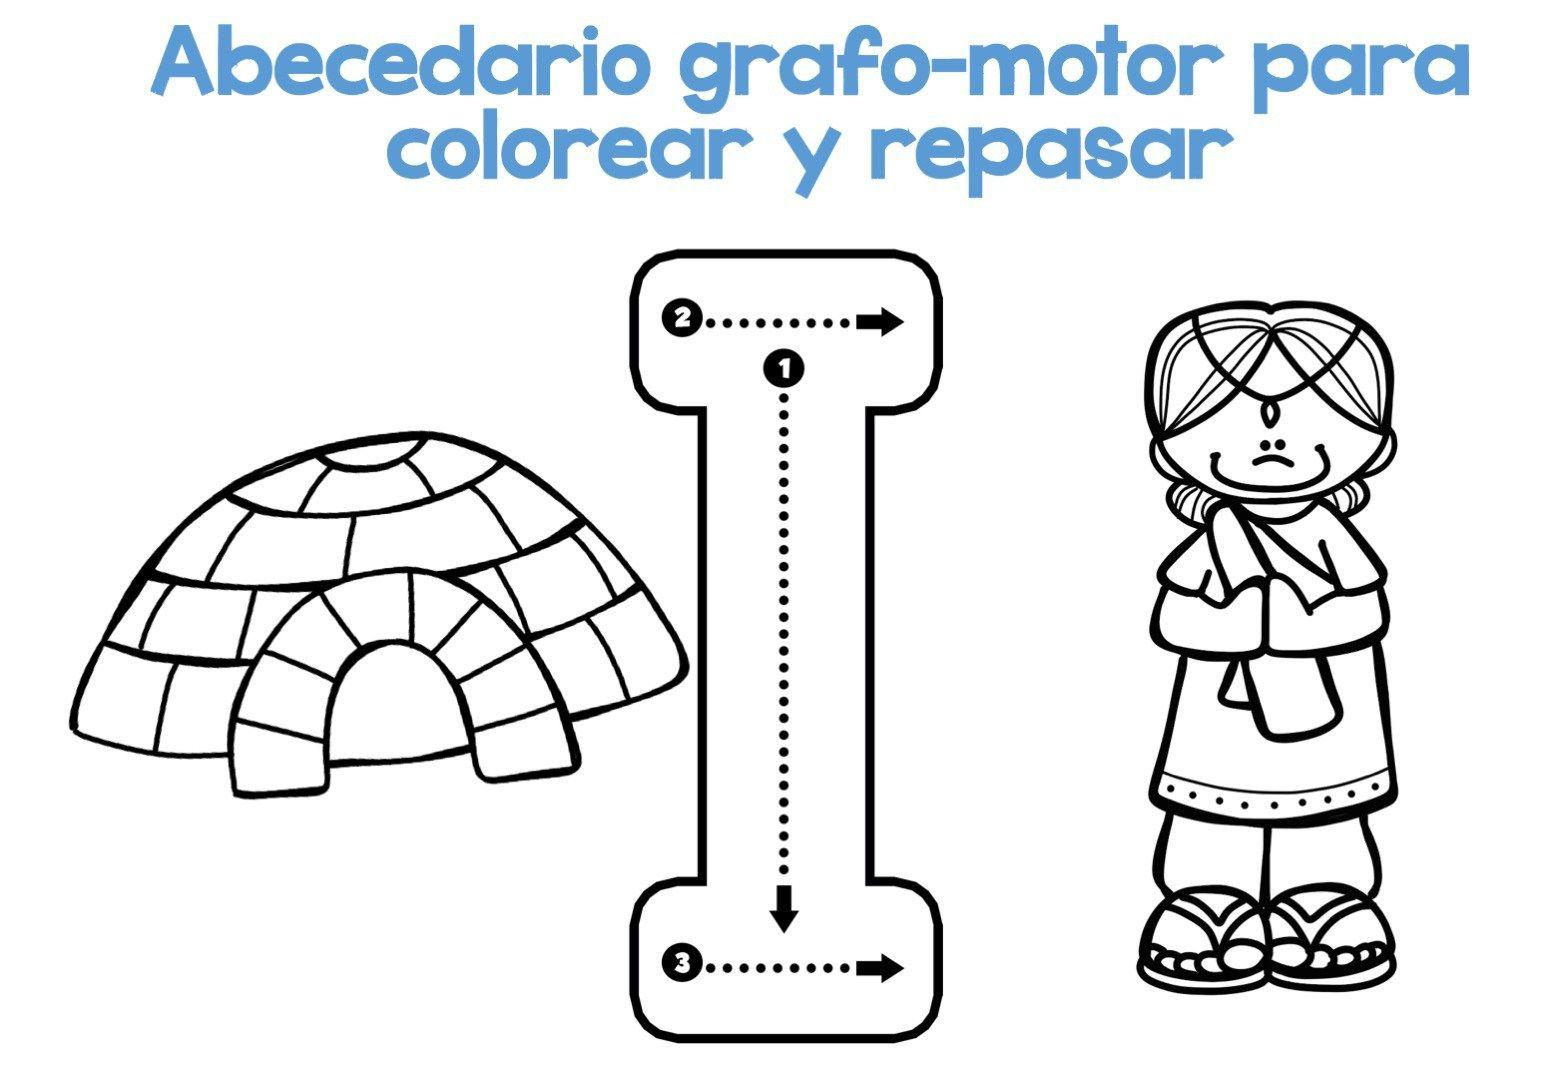 Completo Abecedario Grafo Motor Para Colorear Y Repasar